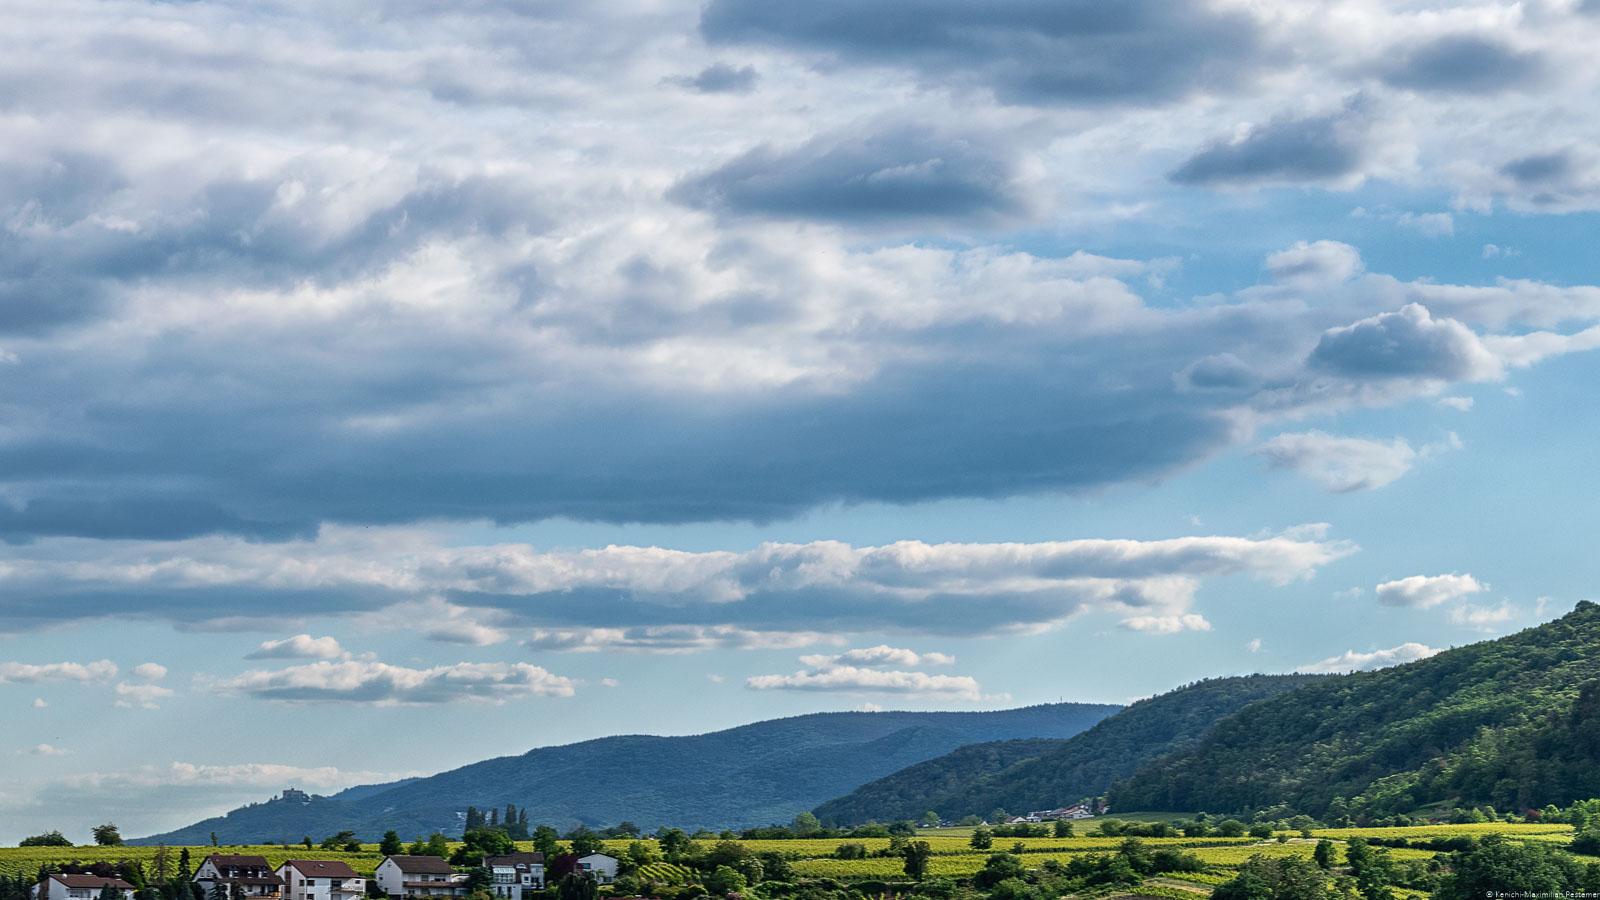 Weinberg Deidesheimer Reiterpfad in der Pfalz mit Bergen, Wald und Wolken